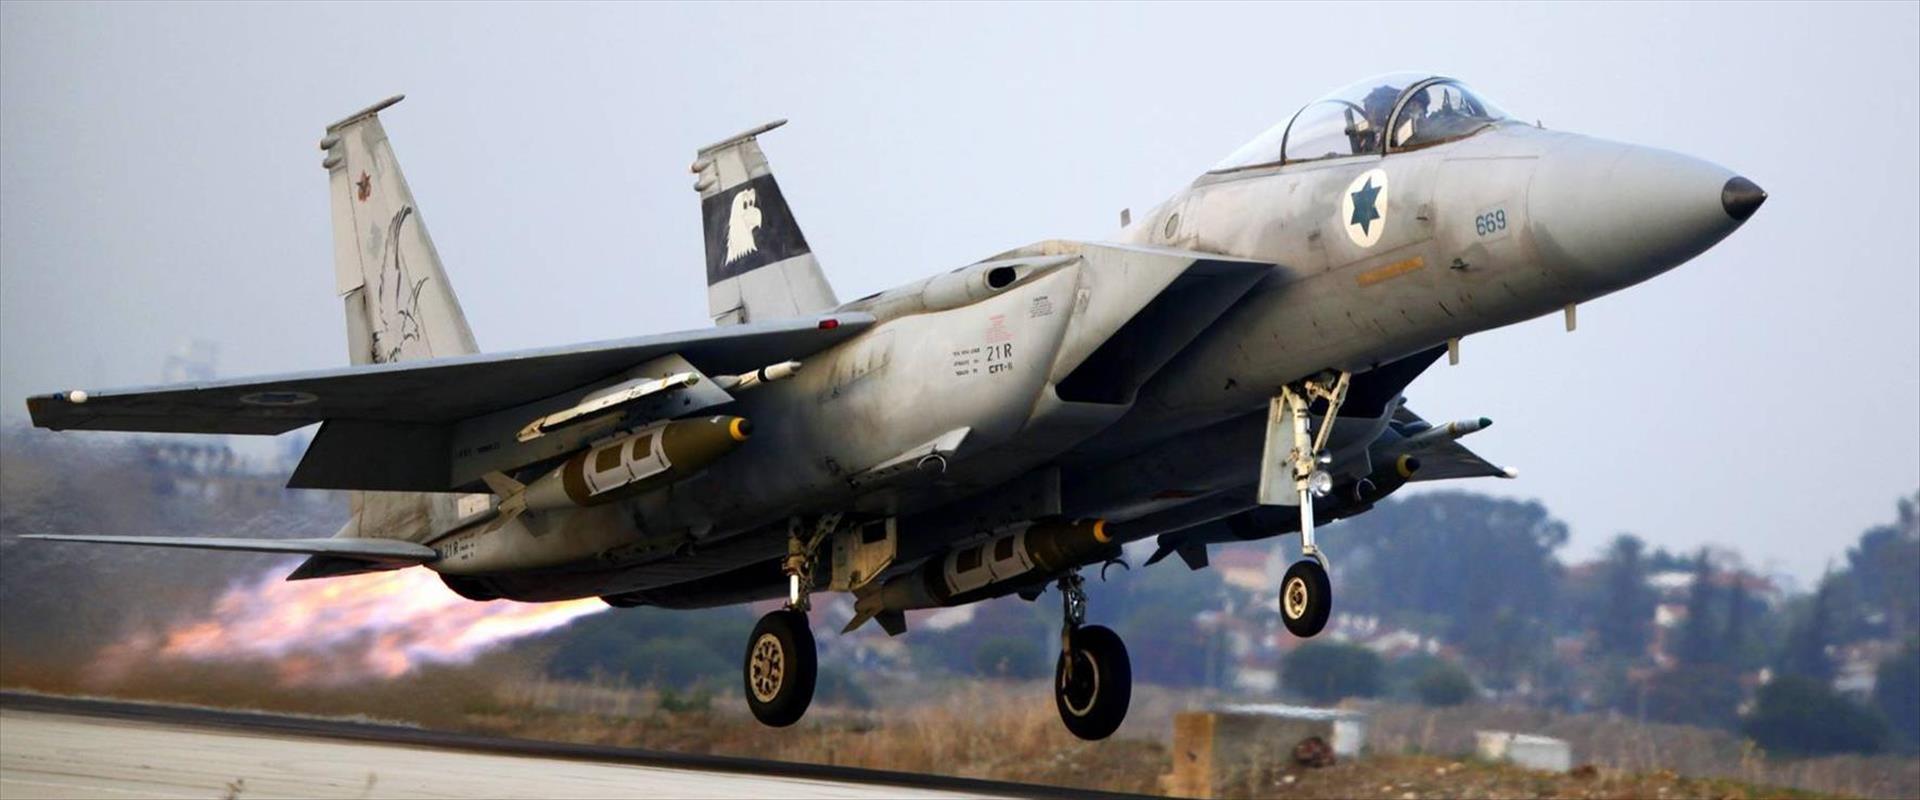 """מטוס קרב של צה""""ל"""